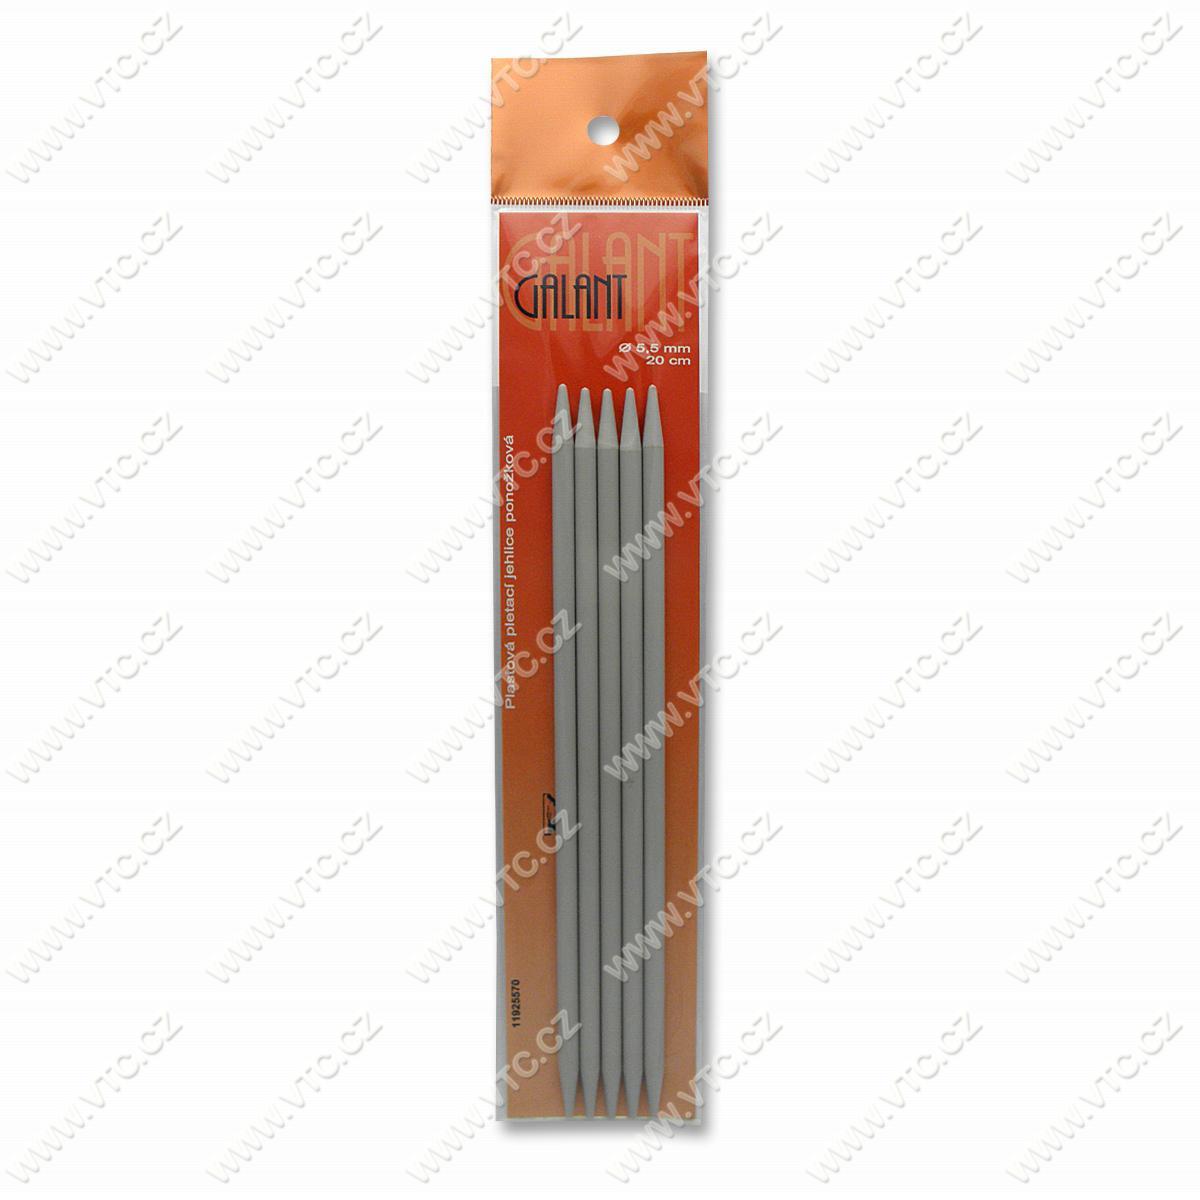 Knitting Needle Hs Code : Knitting needle galant ph vtc jsc